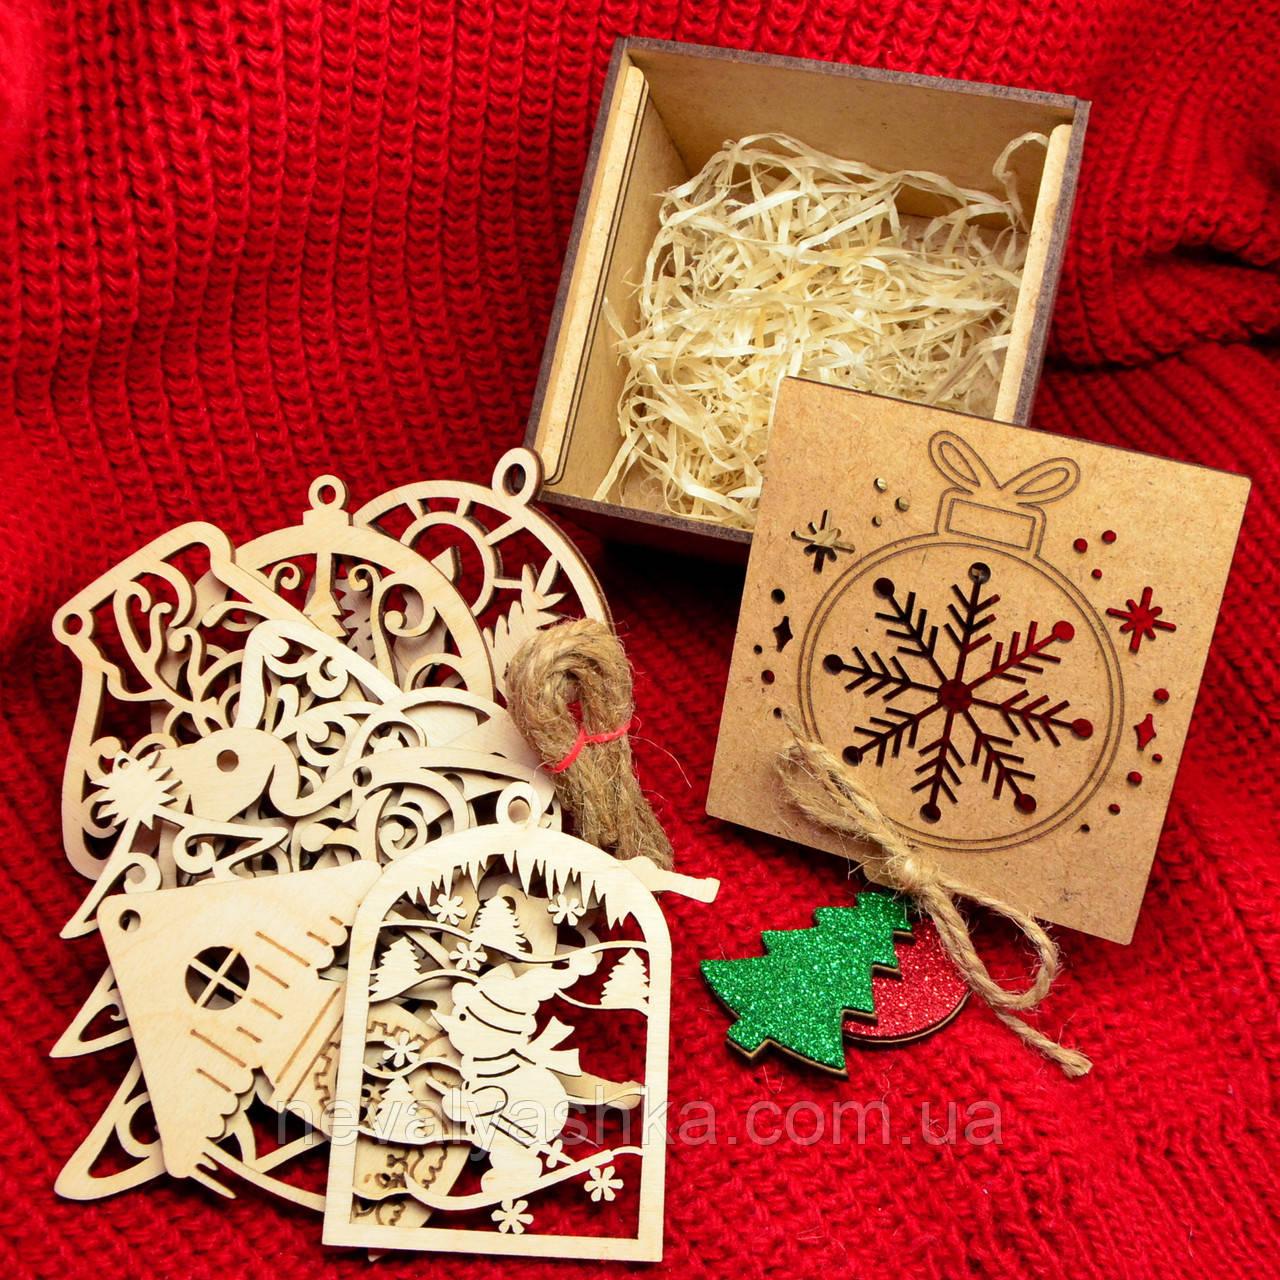 Подарочный Набор Деревянных Новогодних Елочных Игрушек 8 шт в Коробке МДФ + Украшение на Ёлку из Фанеры